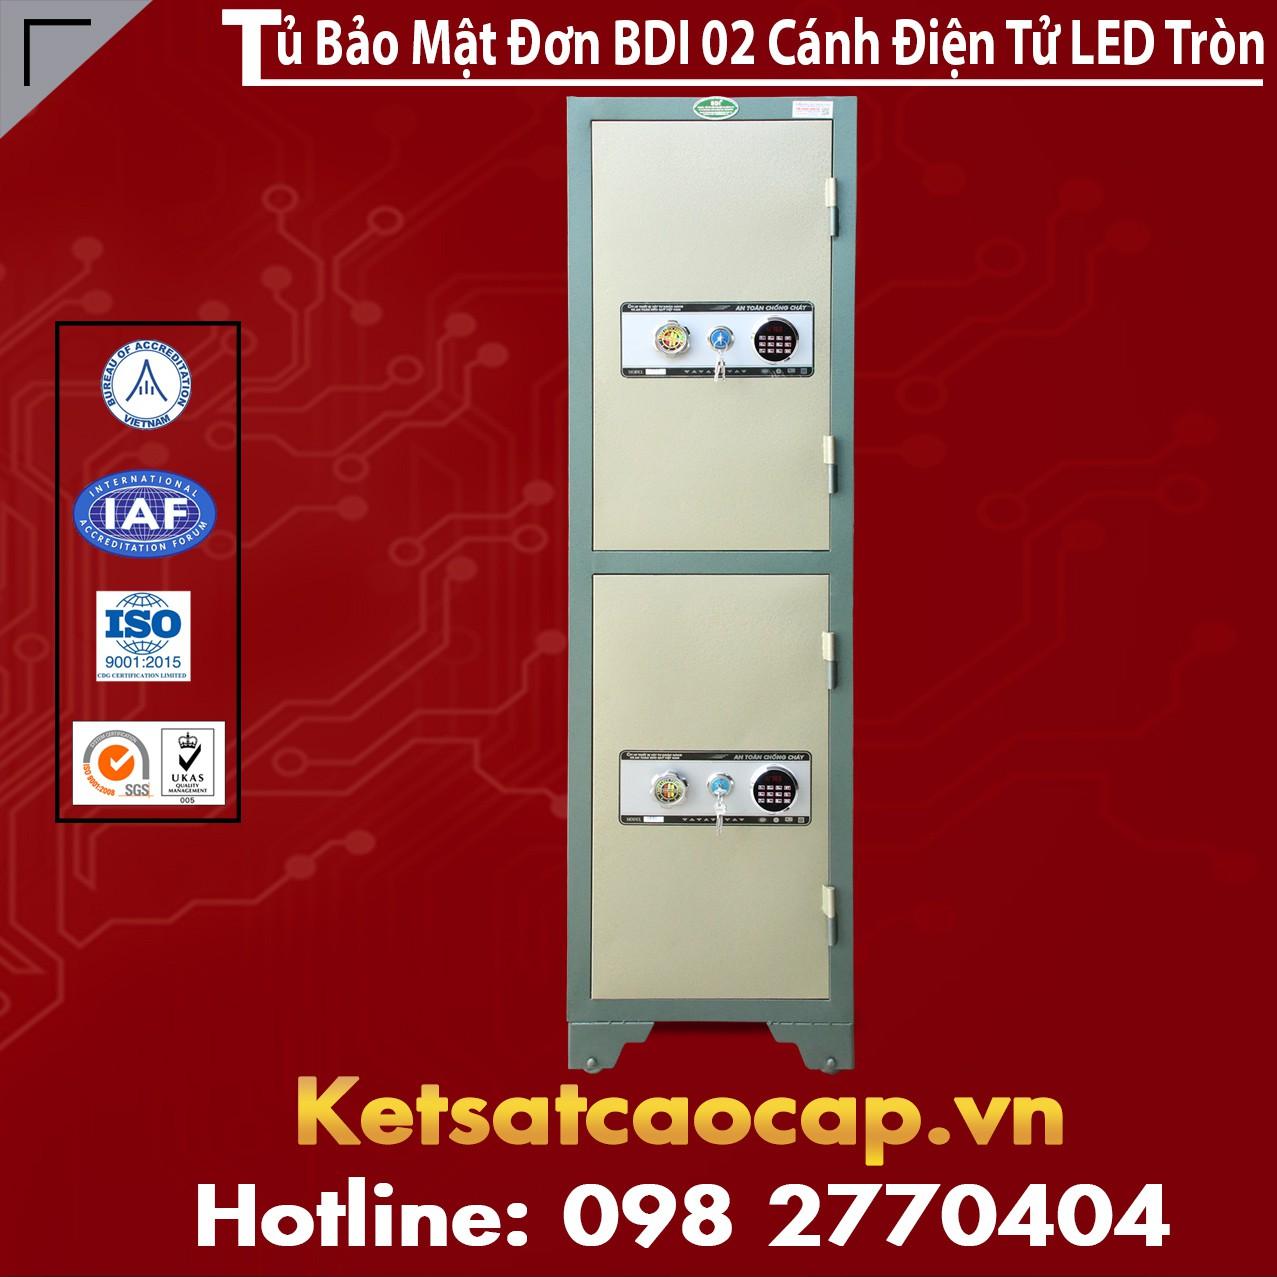 Tủ Bảo Mật Đơn BDI 02 Cánh Điện Tử LED Tròn